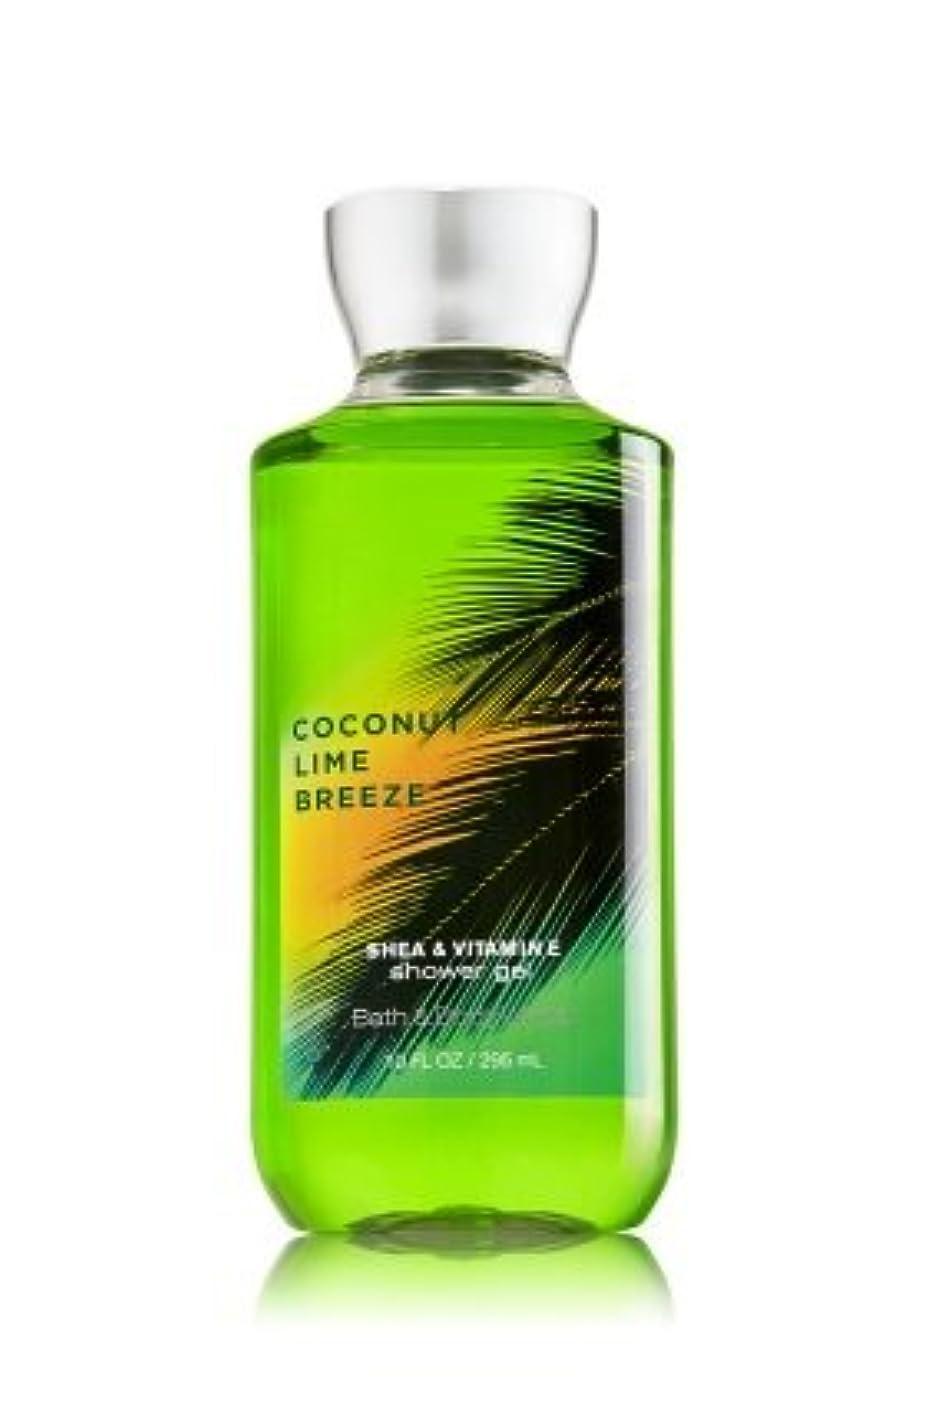 耐えられない入学する新しさ【Bath&Body Works/バス&ボディワークス】 シャワージェル ココナッツライムブリーズ Shower Gel Coconut Lime Breeze 10 fl oz / 295 mL [並行輸入品]